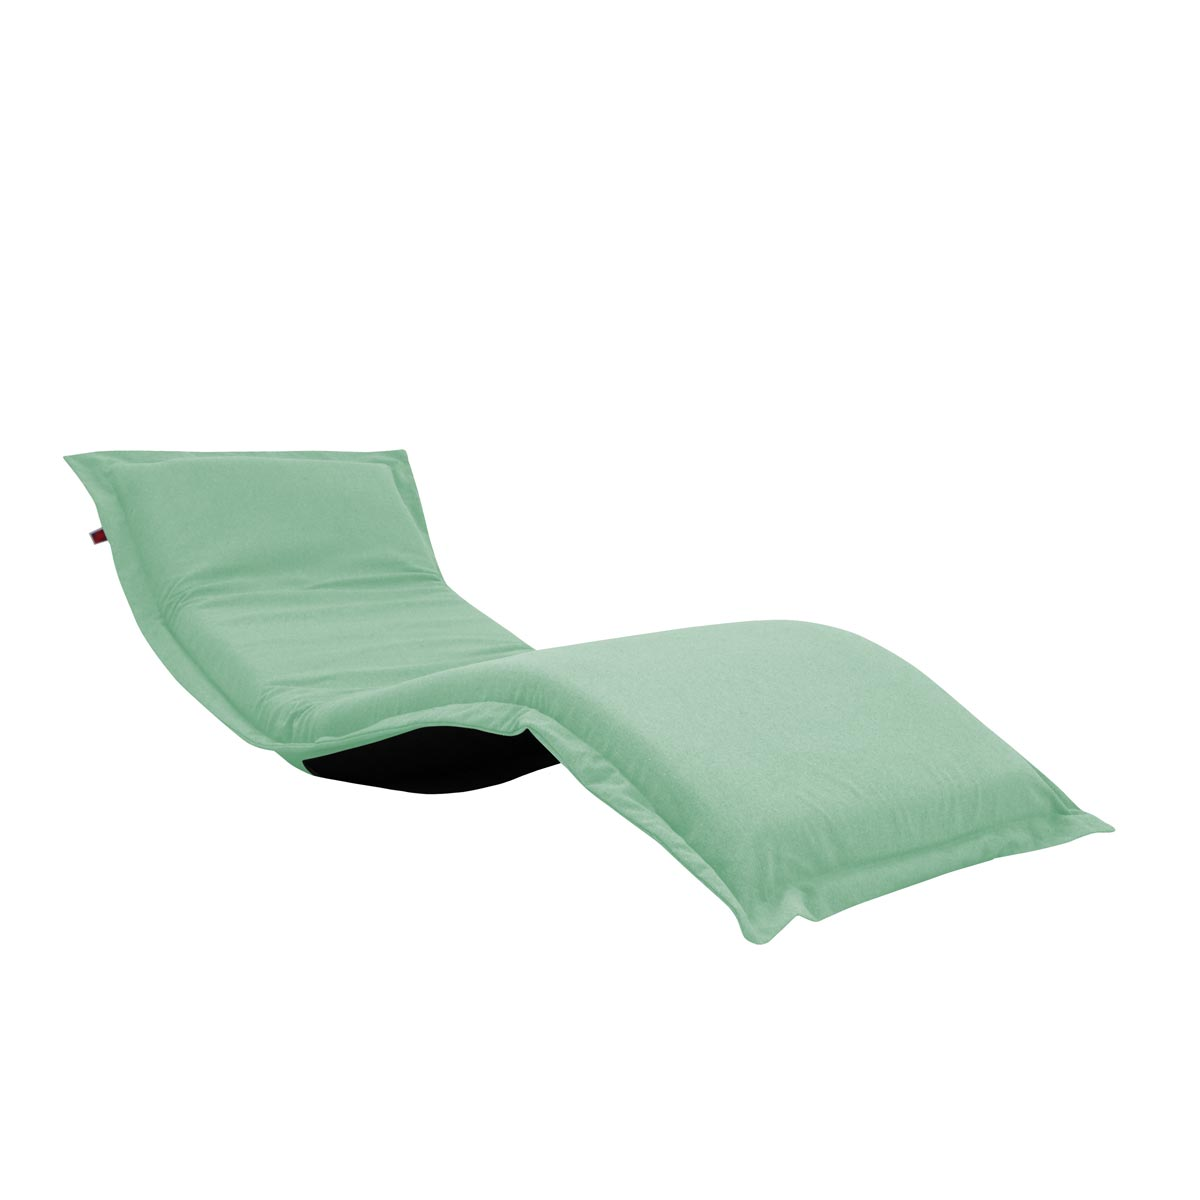 Pufe ClicClac Uno Lounge Tecido Ecolona Verde Menta 02 05